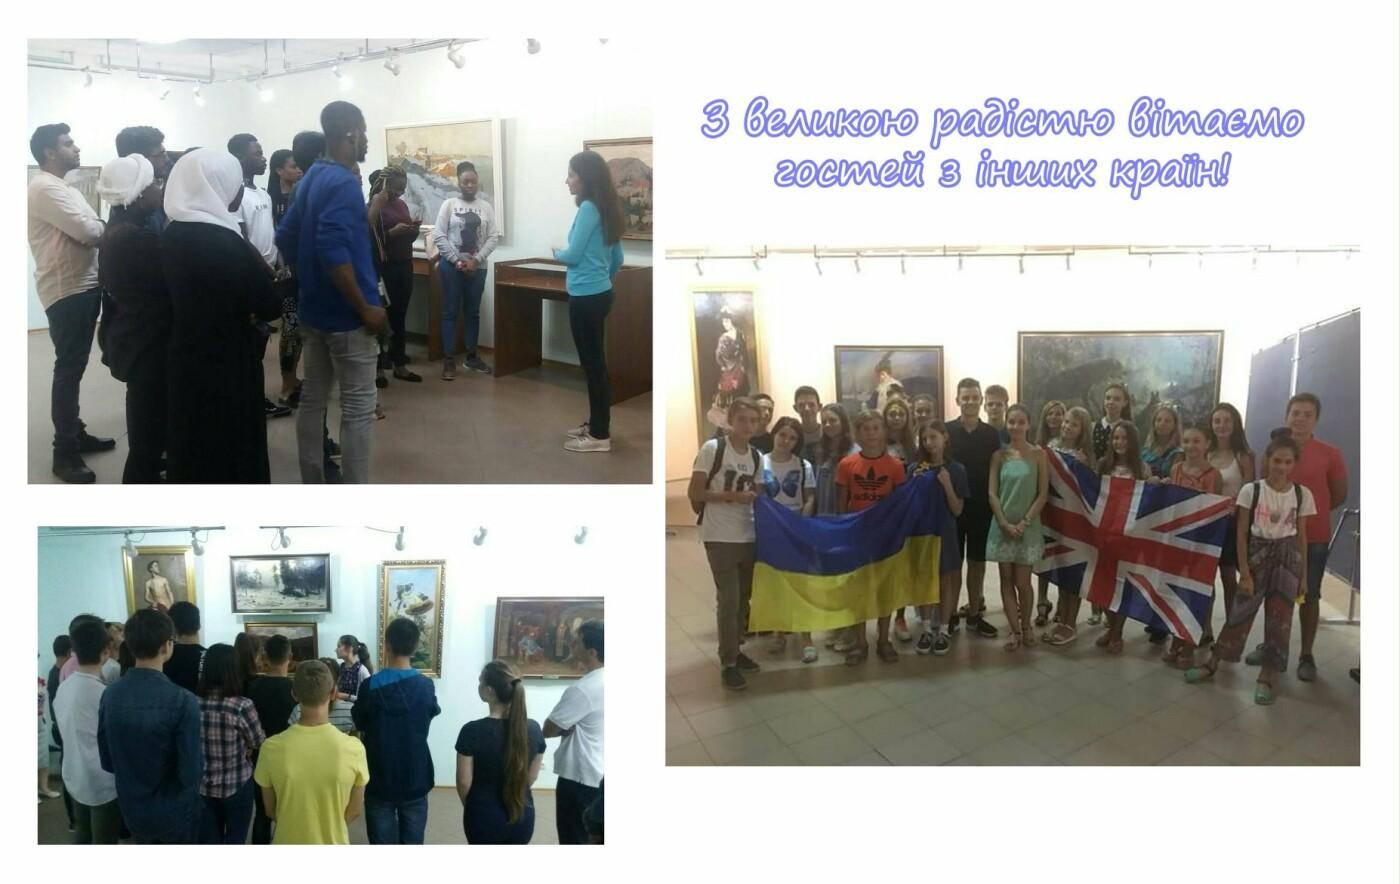 Бердянський художній музей ім. І. Бродського святкує Міжнародний день музеїв, фото-6